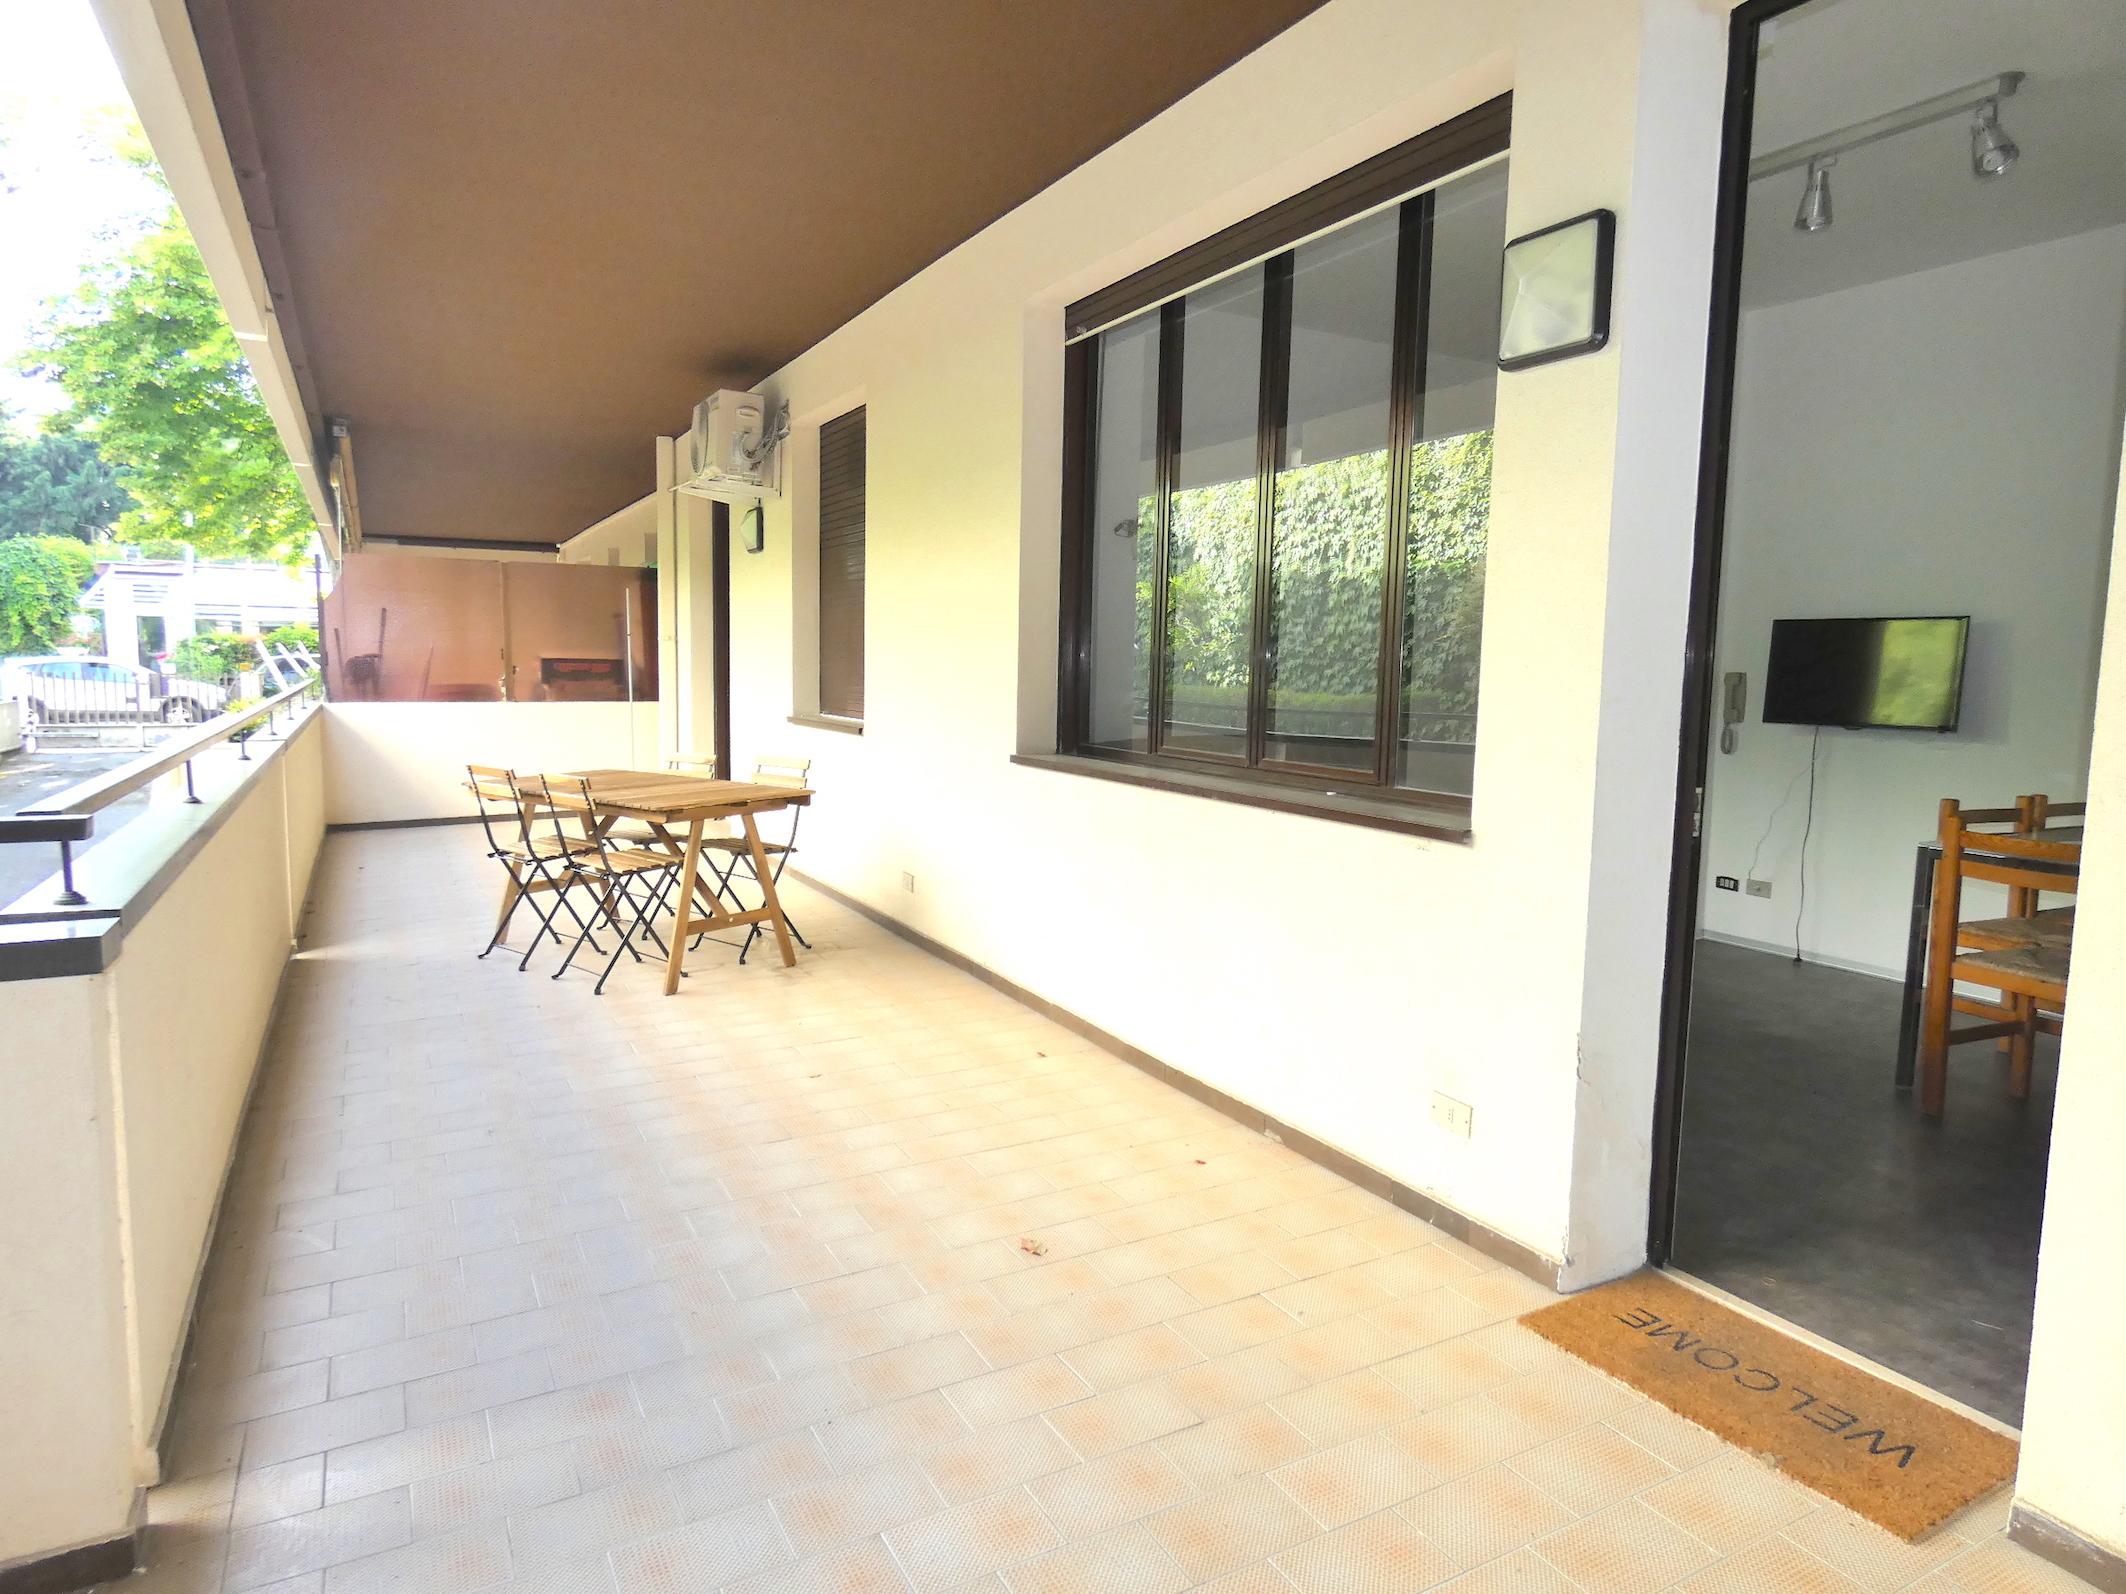 RICCIONE CENTRO, Trilocale con ampio terrazzo abitabile in affitto stagionale